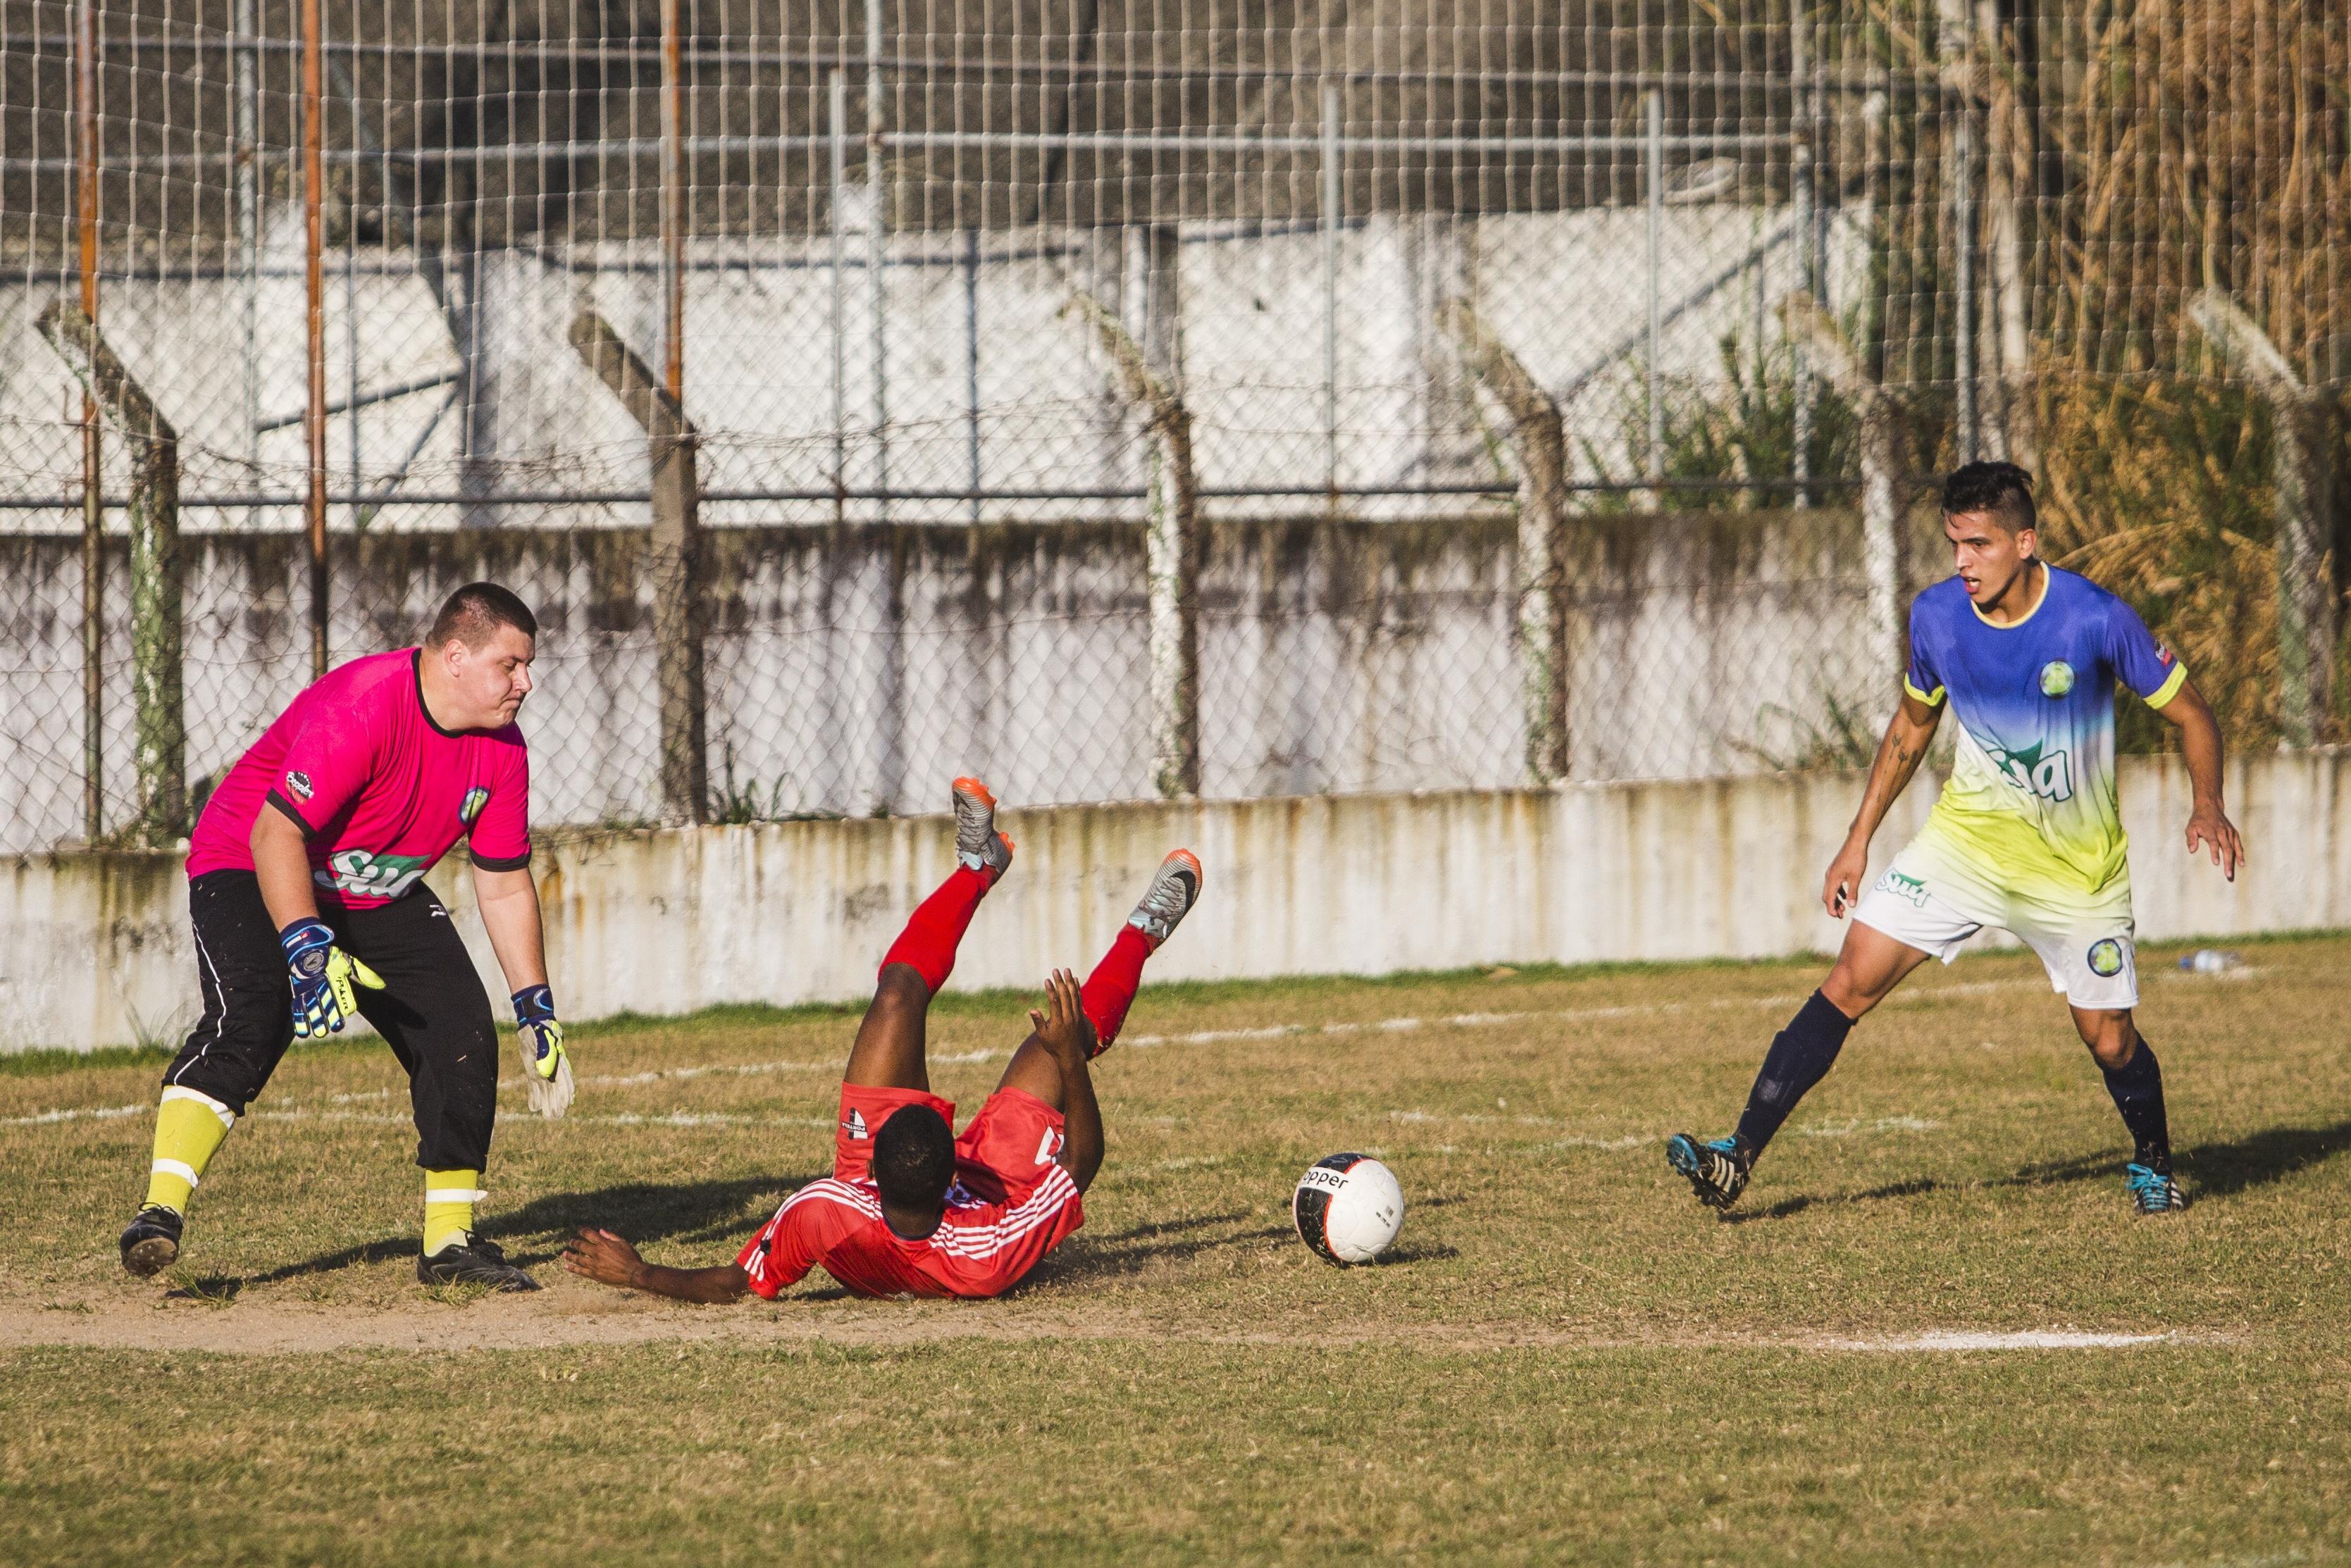 Lance de pênalti para o Portela, que resultou no gol de Luquinhas - Daniel Queiroz/ND